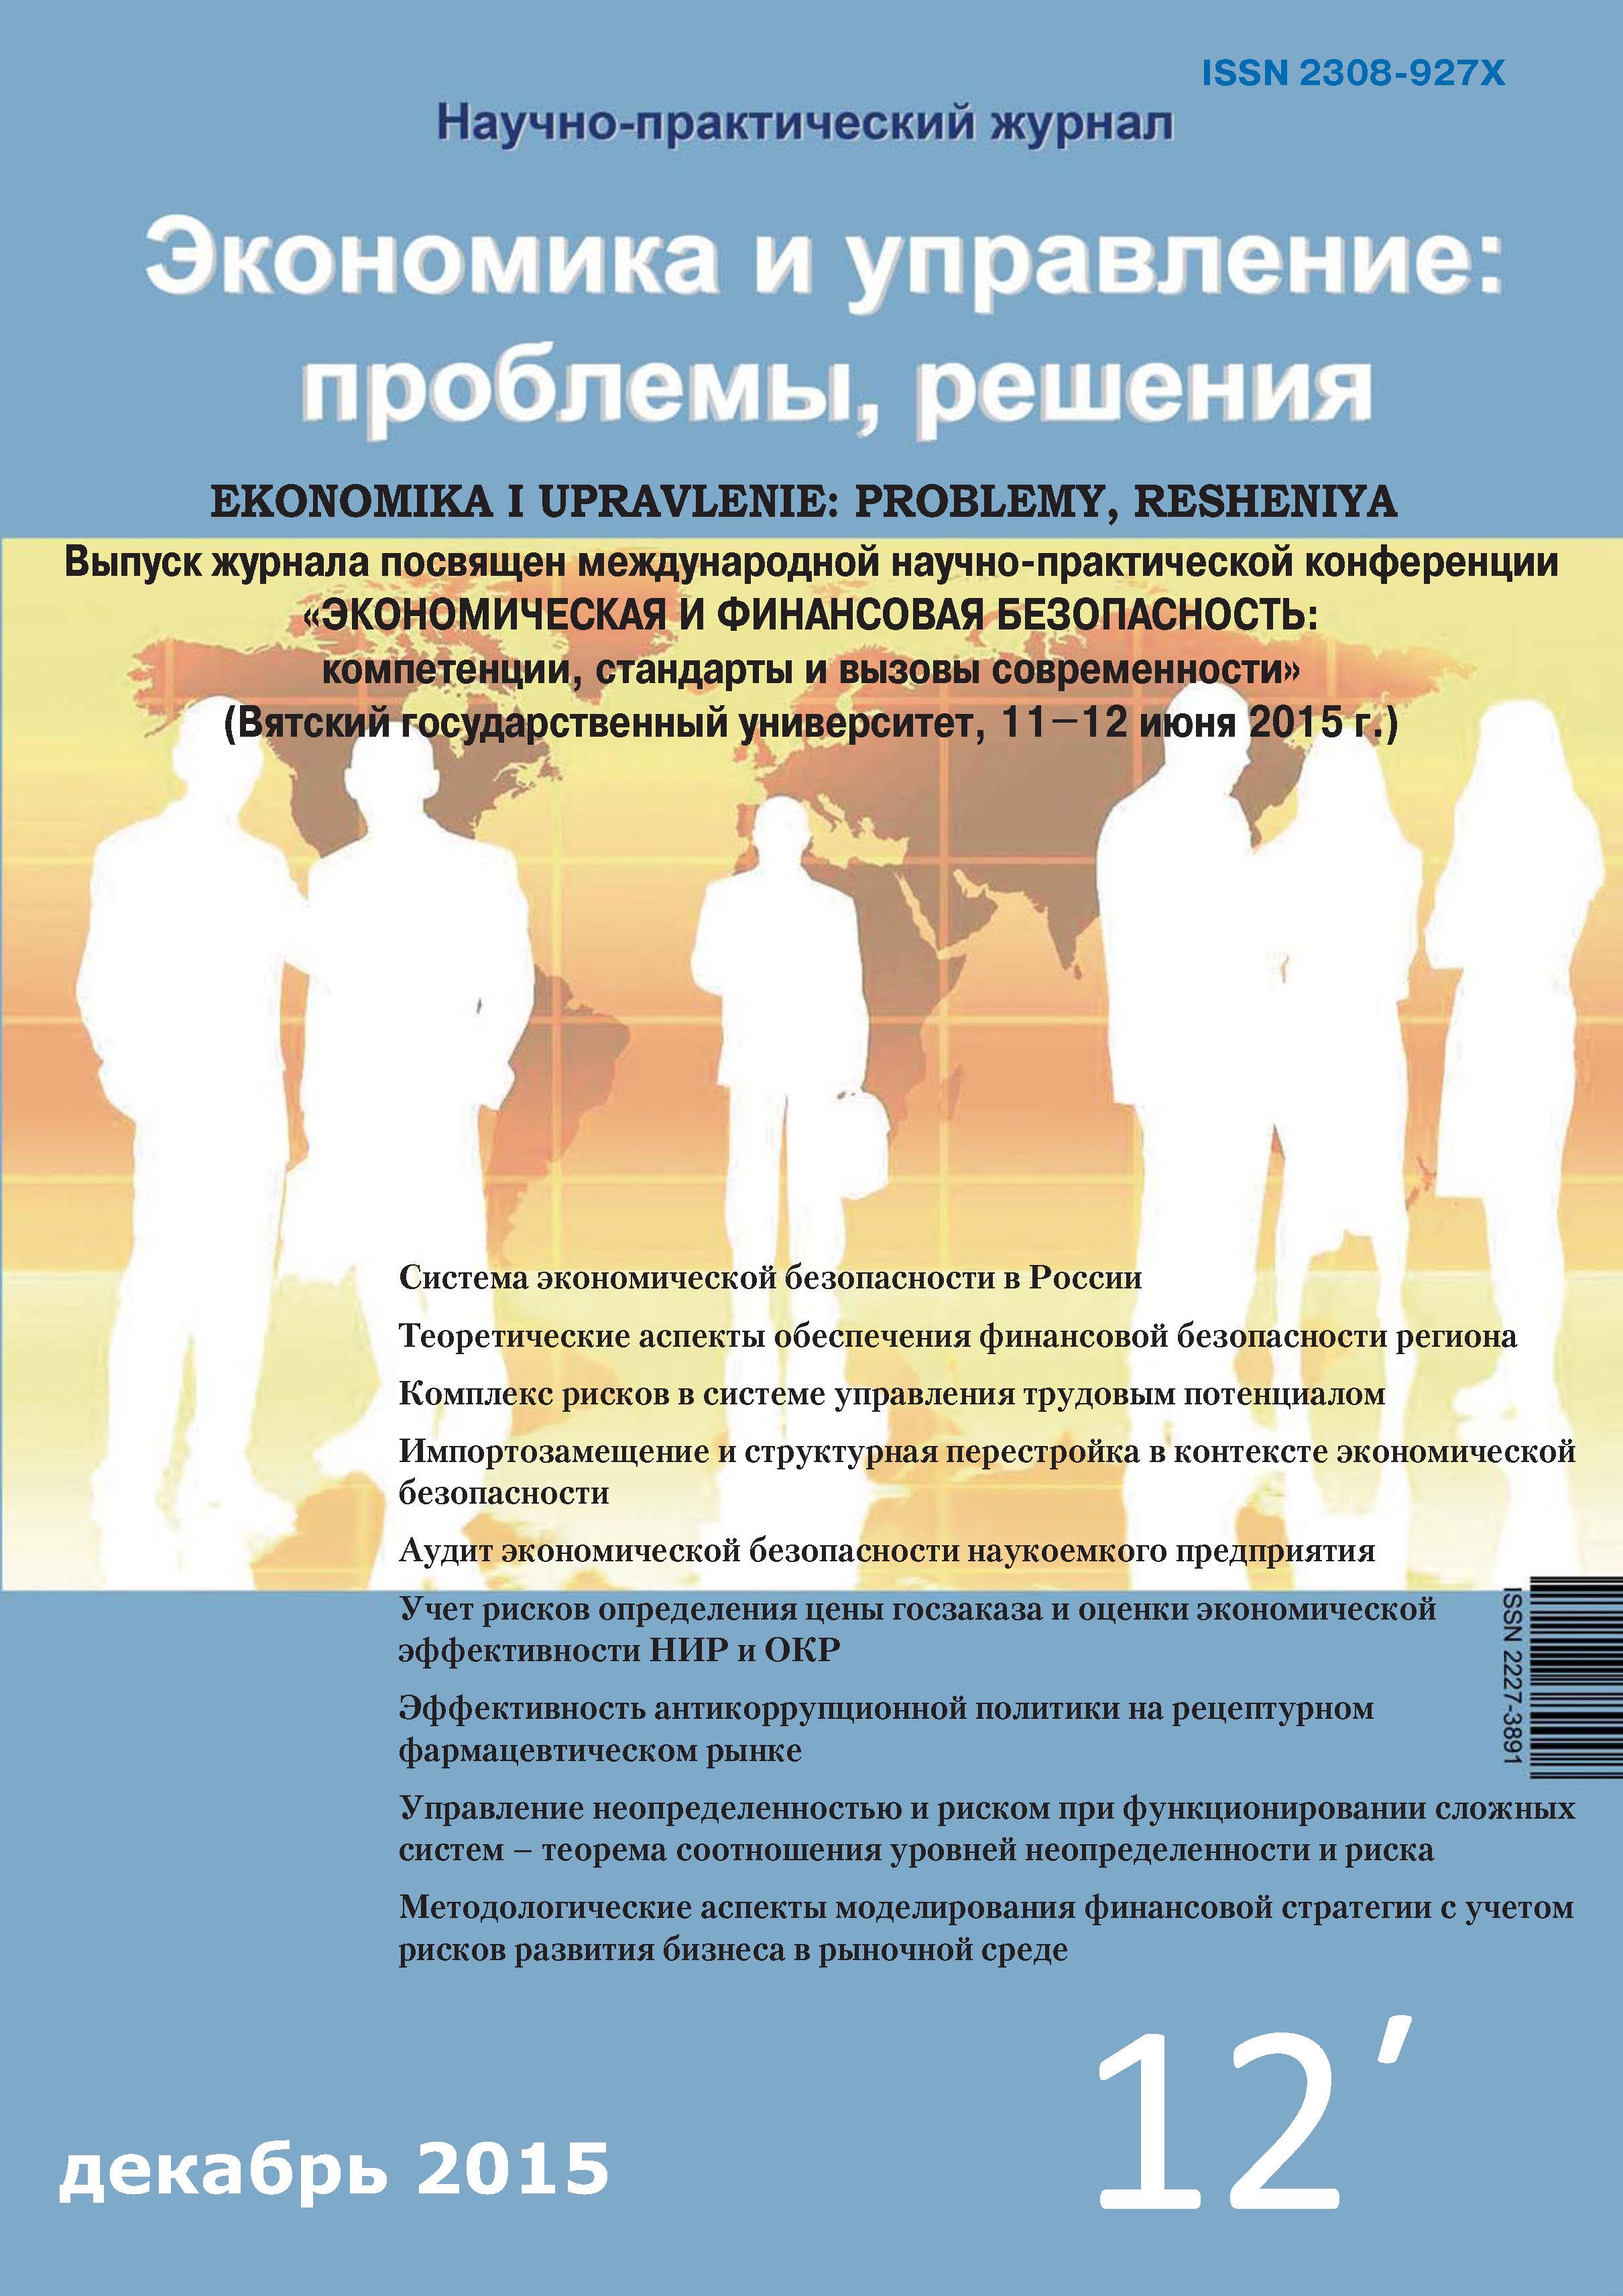 Экономика и управление: проблемы, решения №12/2015